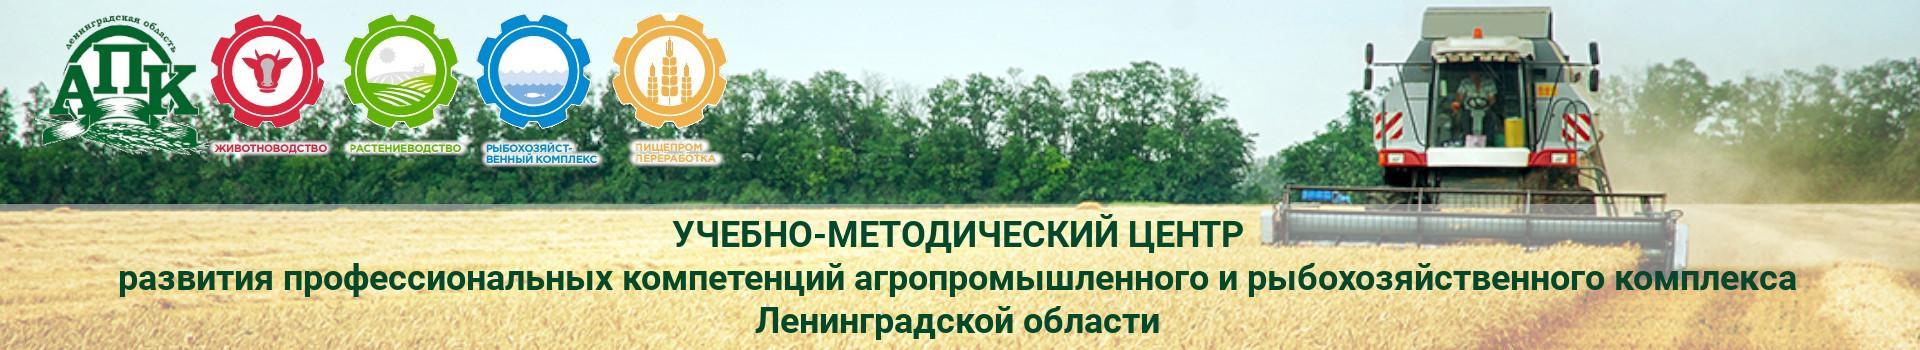 Итоги Всероссийского Дня Поля – 2019 в Ленинградской области